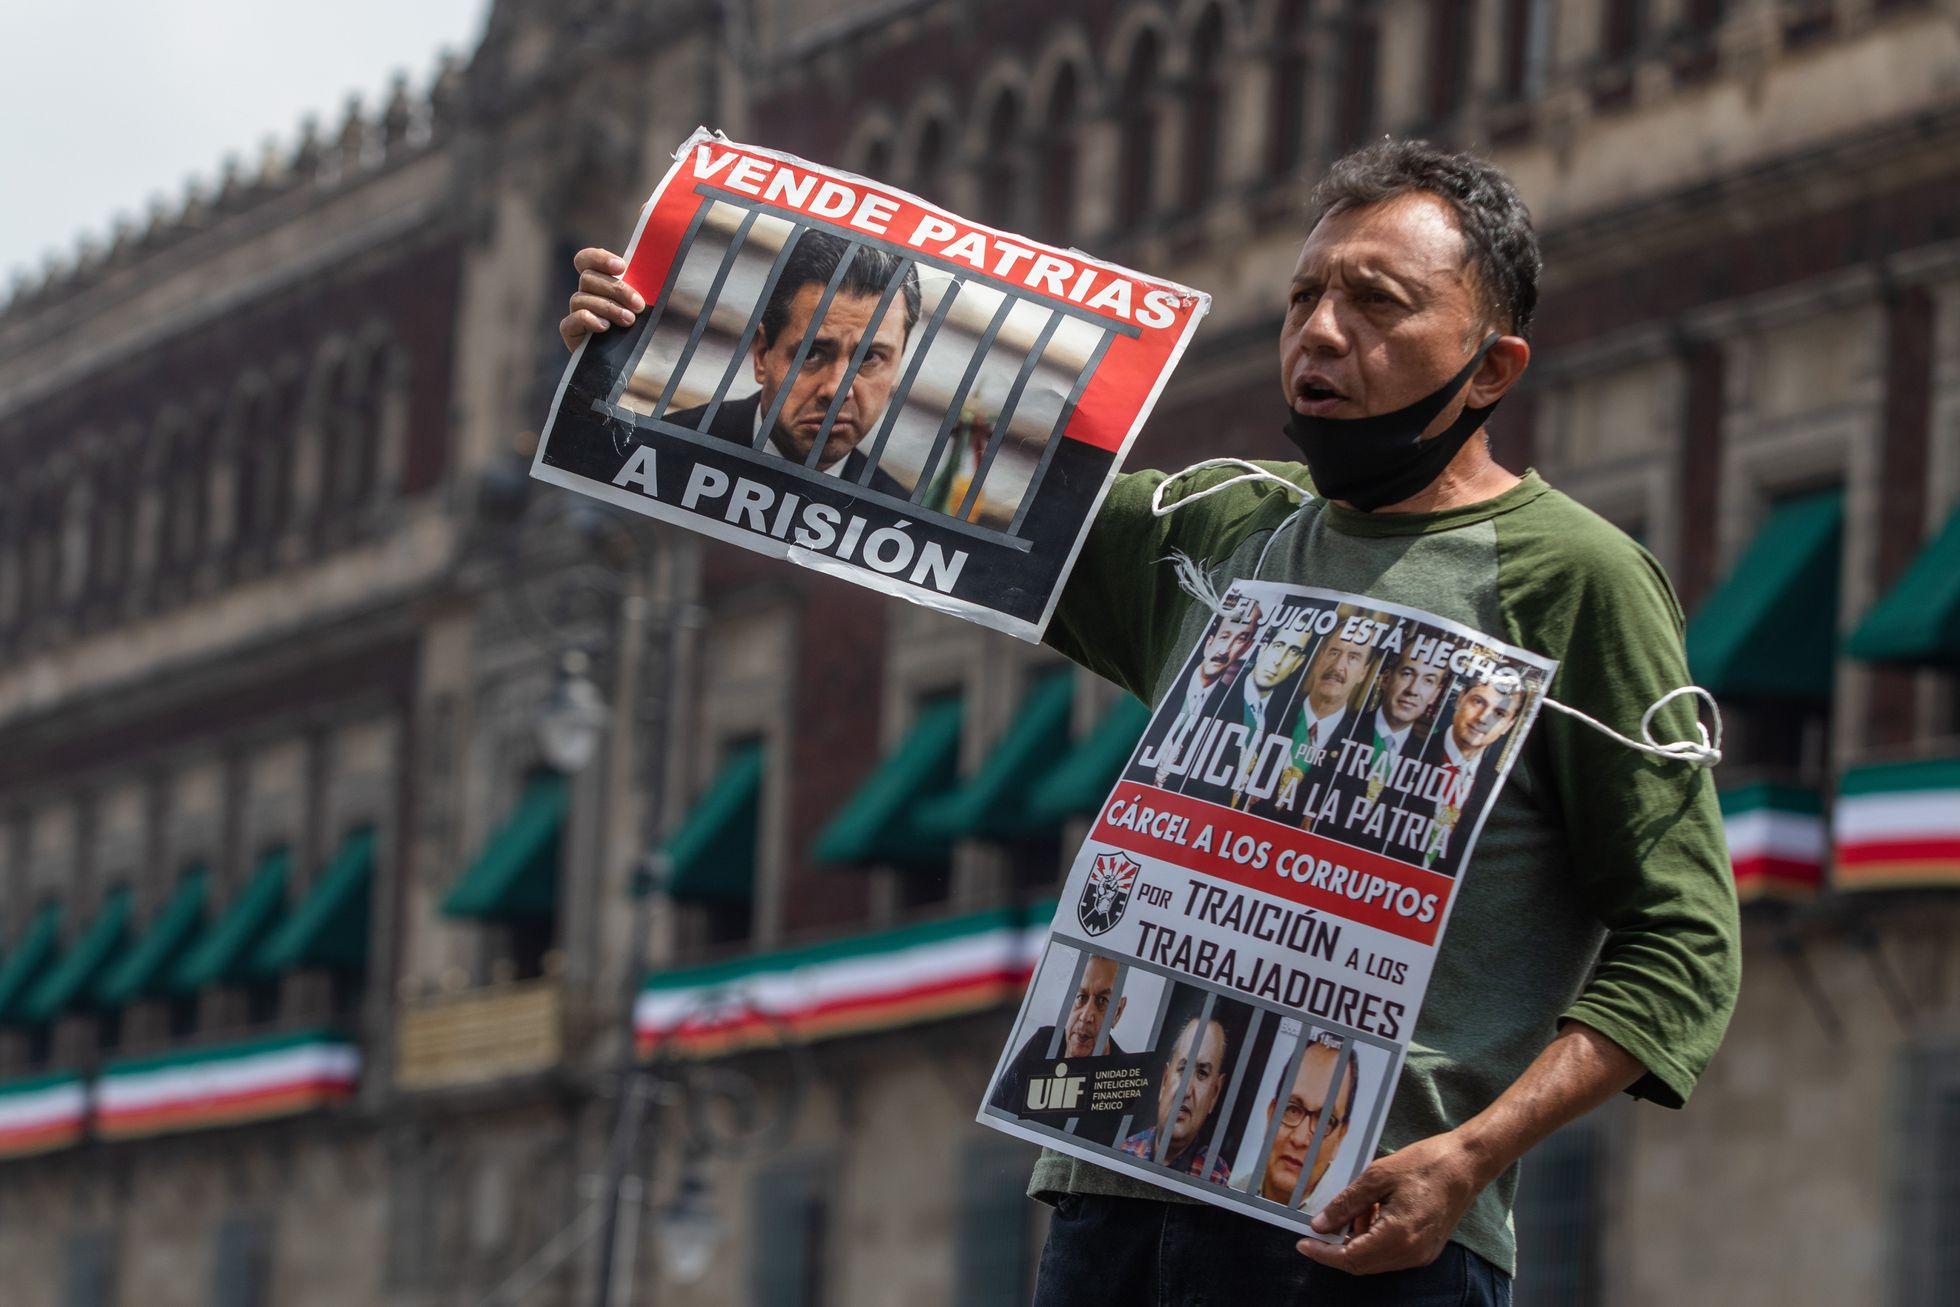 Un ministro del Supremo mexicano propone declarar inconstitucional la consulta para juzgar a los expresidentes | EL PAÍS México